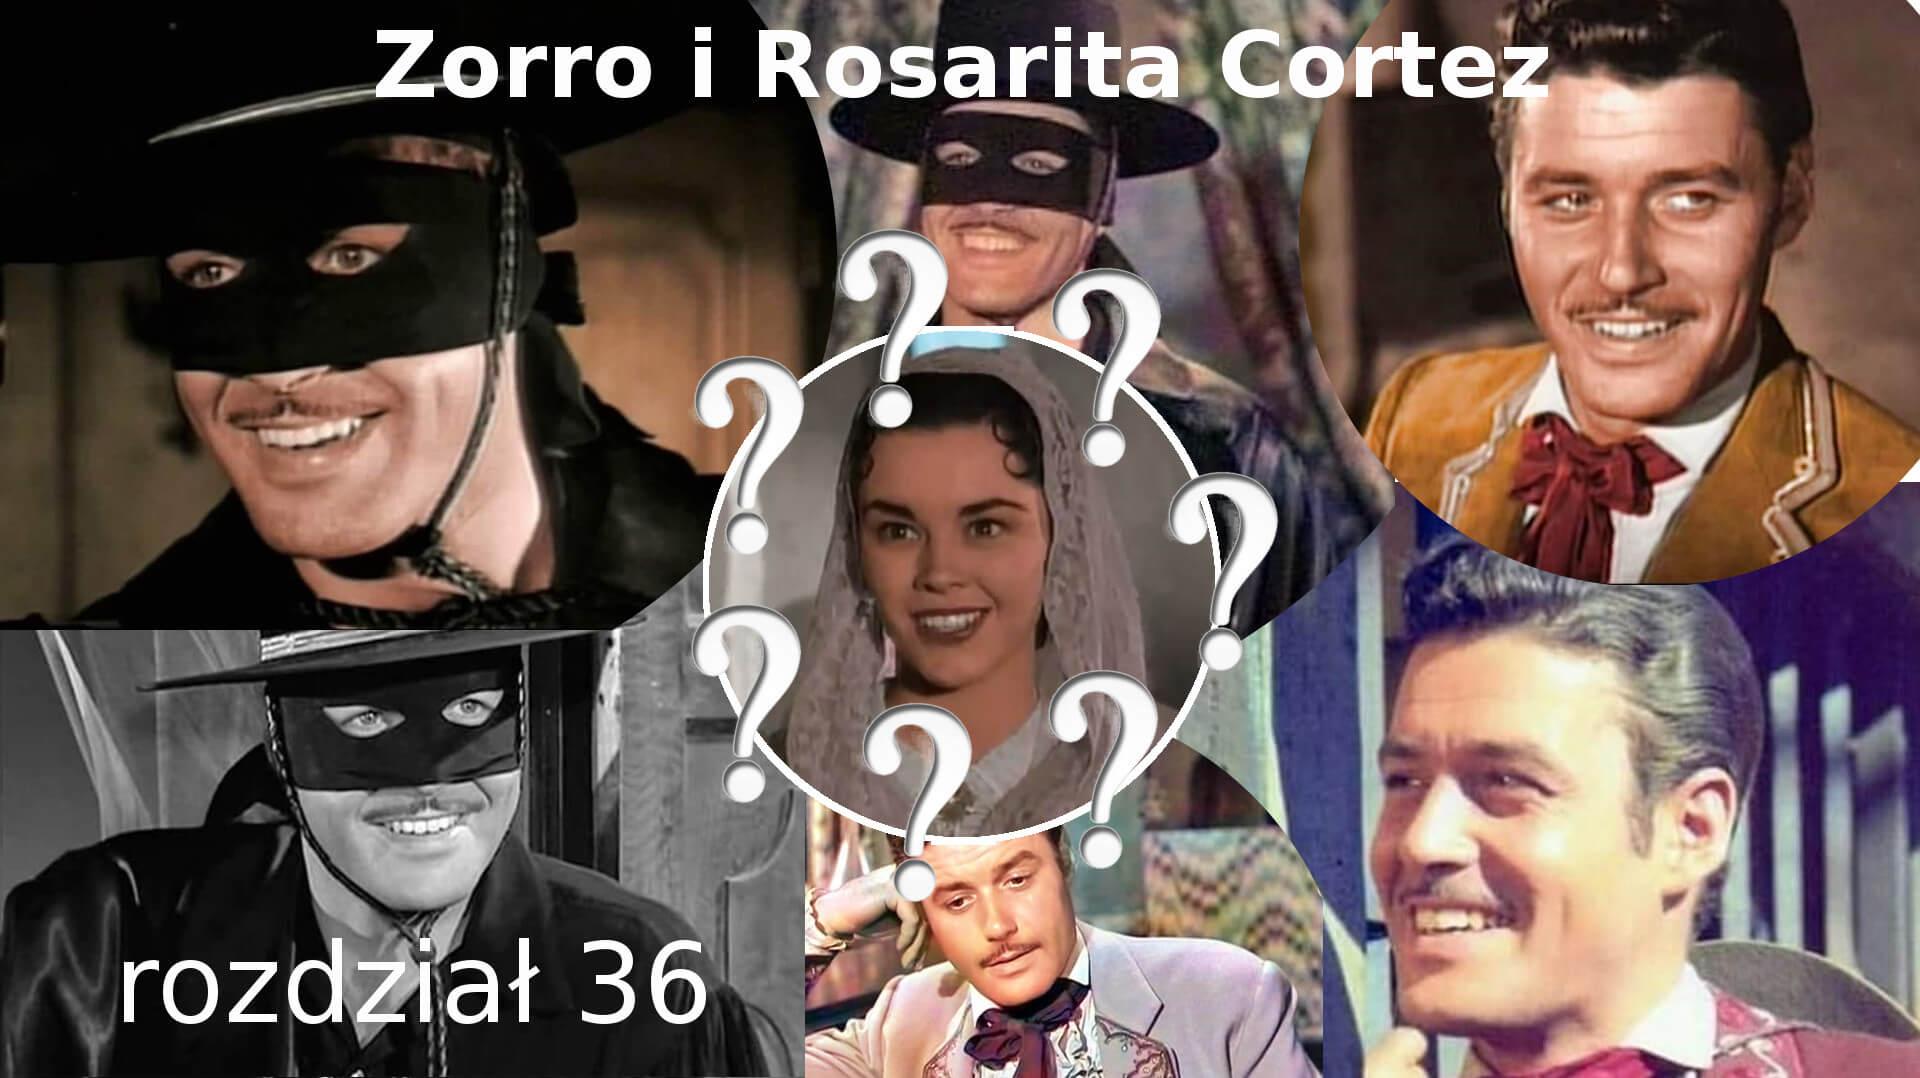 Zorro i Rosarita Cortez rozdział 36 Walt Disney Zorro fanfiction